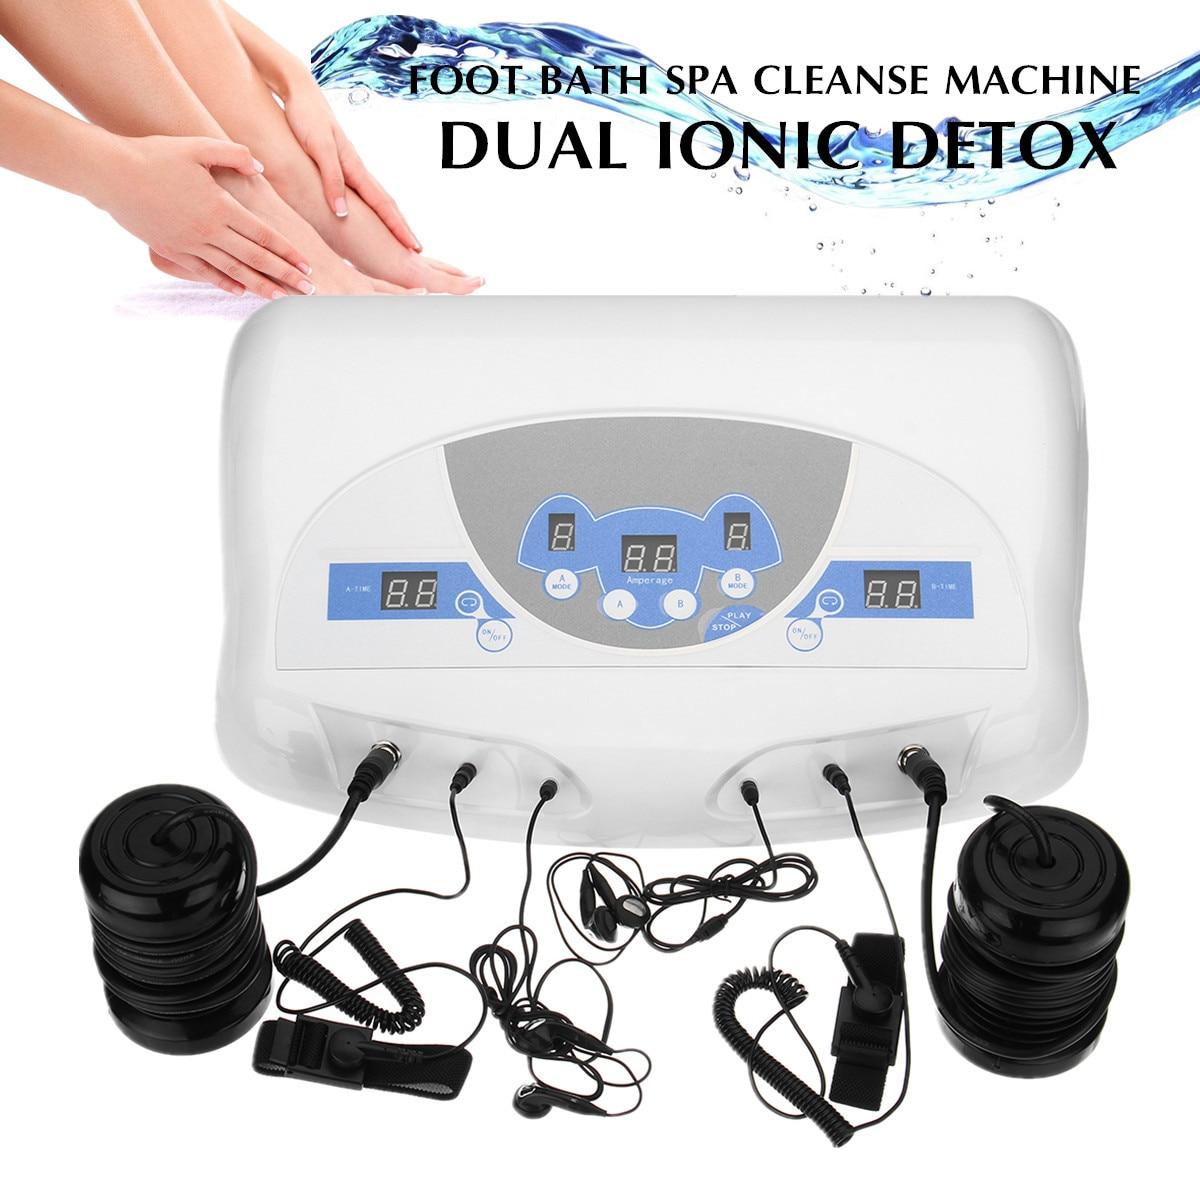 Neue Durchblutung Dual Detox Spa/Ion Fuß Detox Spa Bad/Ionischen Reinigen Detox Fußbad Massage maschine Entspannung